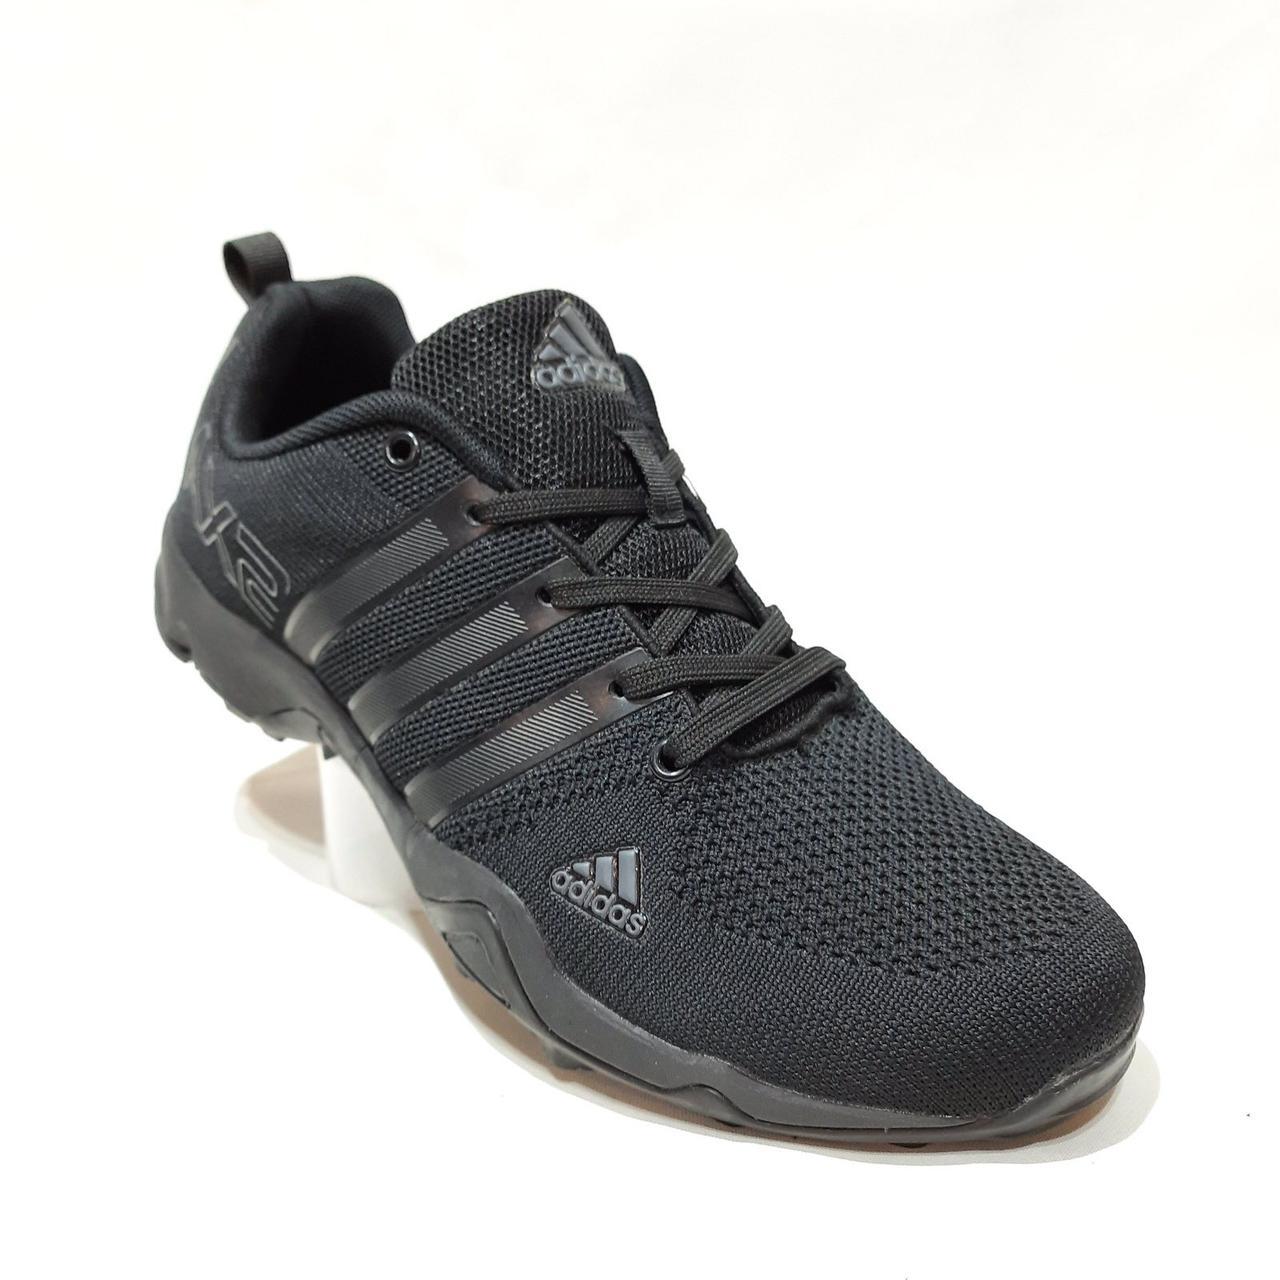 45 р. Мужские кроссовки сетка с текстилем Адидас (Adidas) Черные Последняя пара